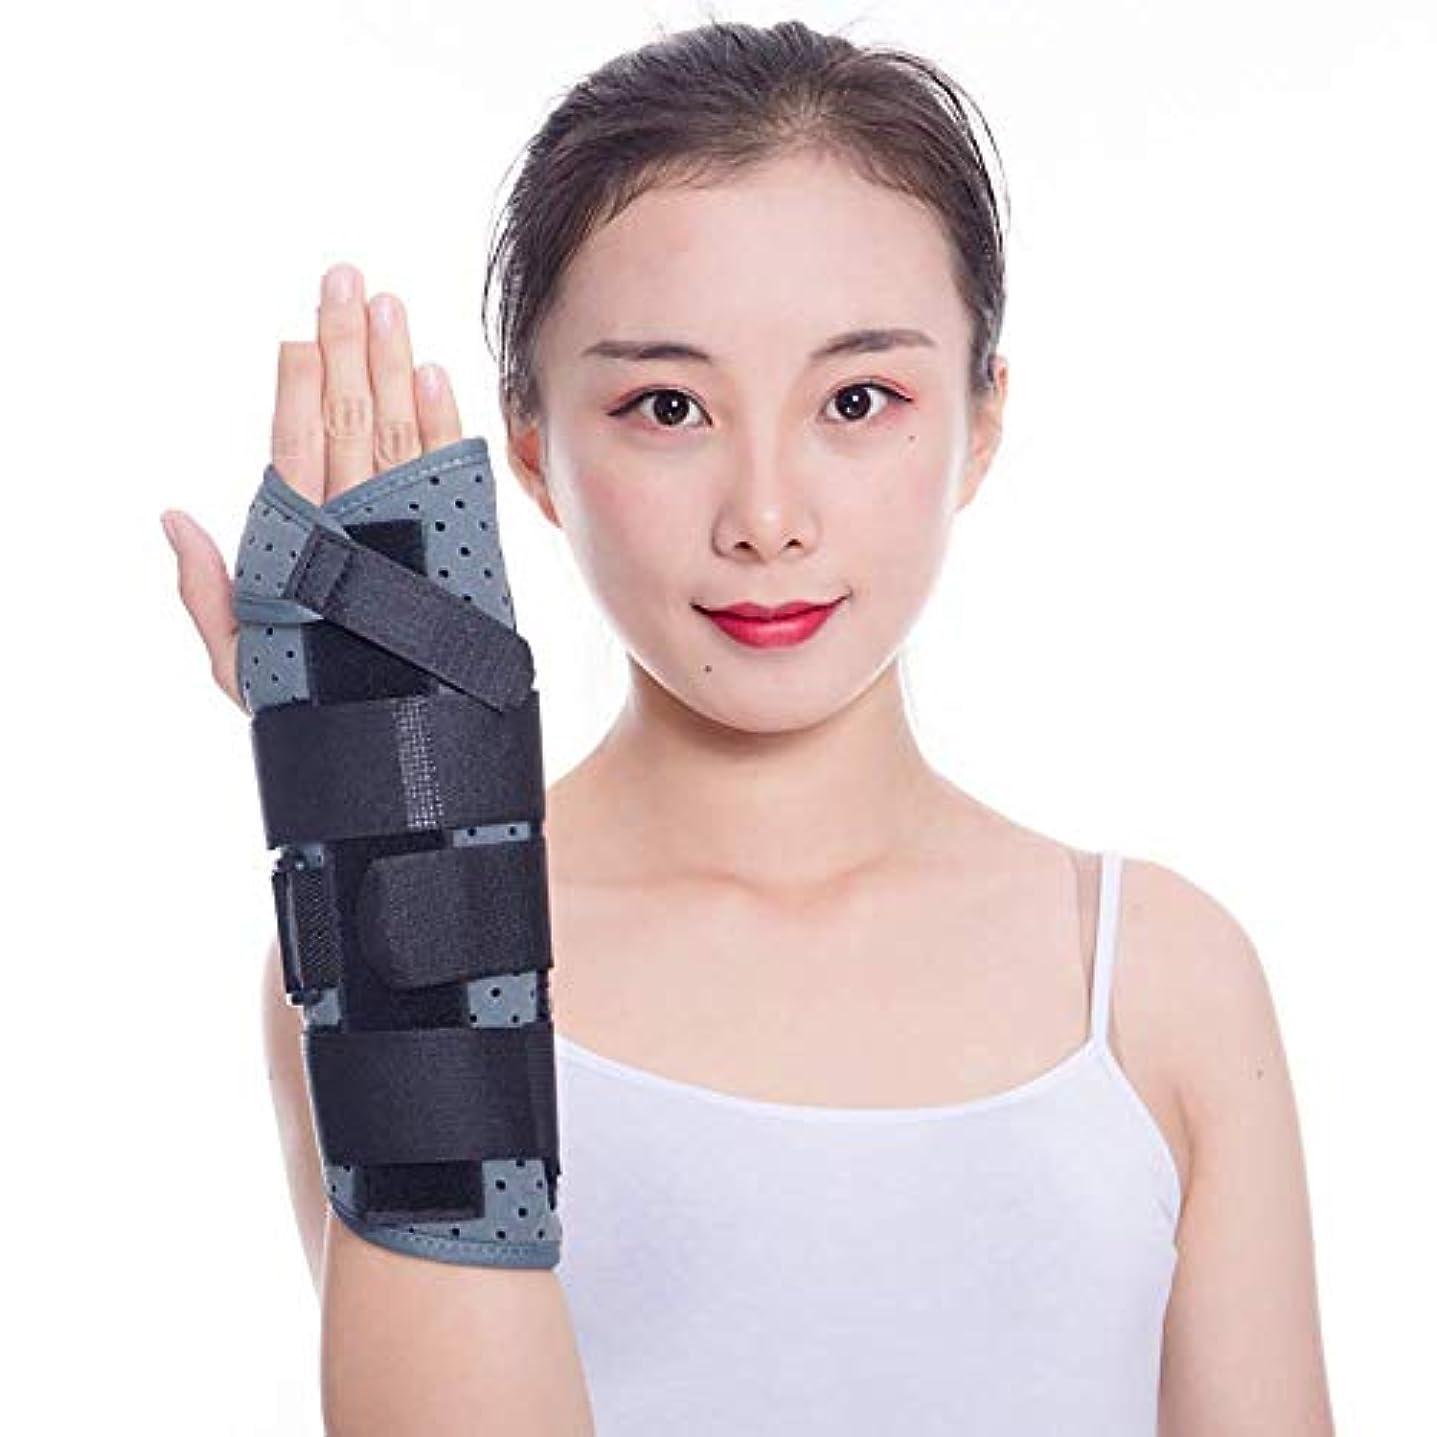 あえぎ灰半円手根管手首支柱 - 男性と女性、腱炎、関節炎、壊れた、スポーツのけがの痛みを軽減するための夜間の睡眠中の手首のサポート,Left,L